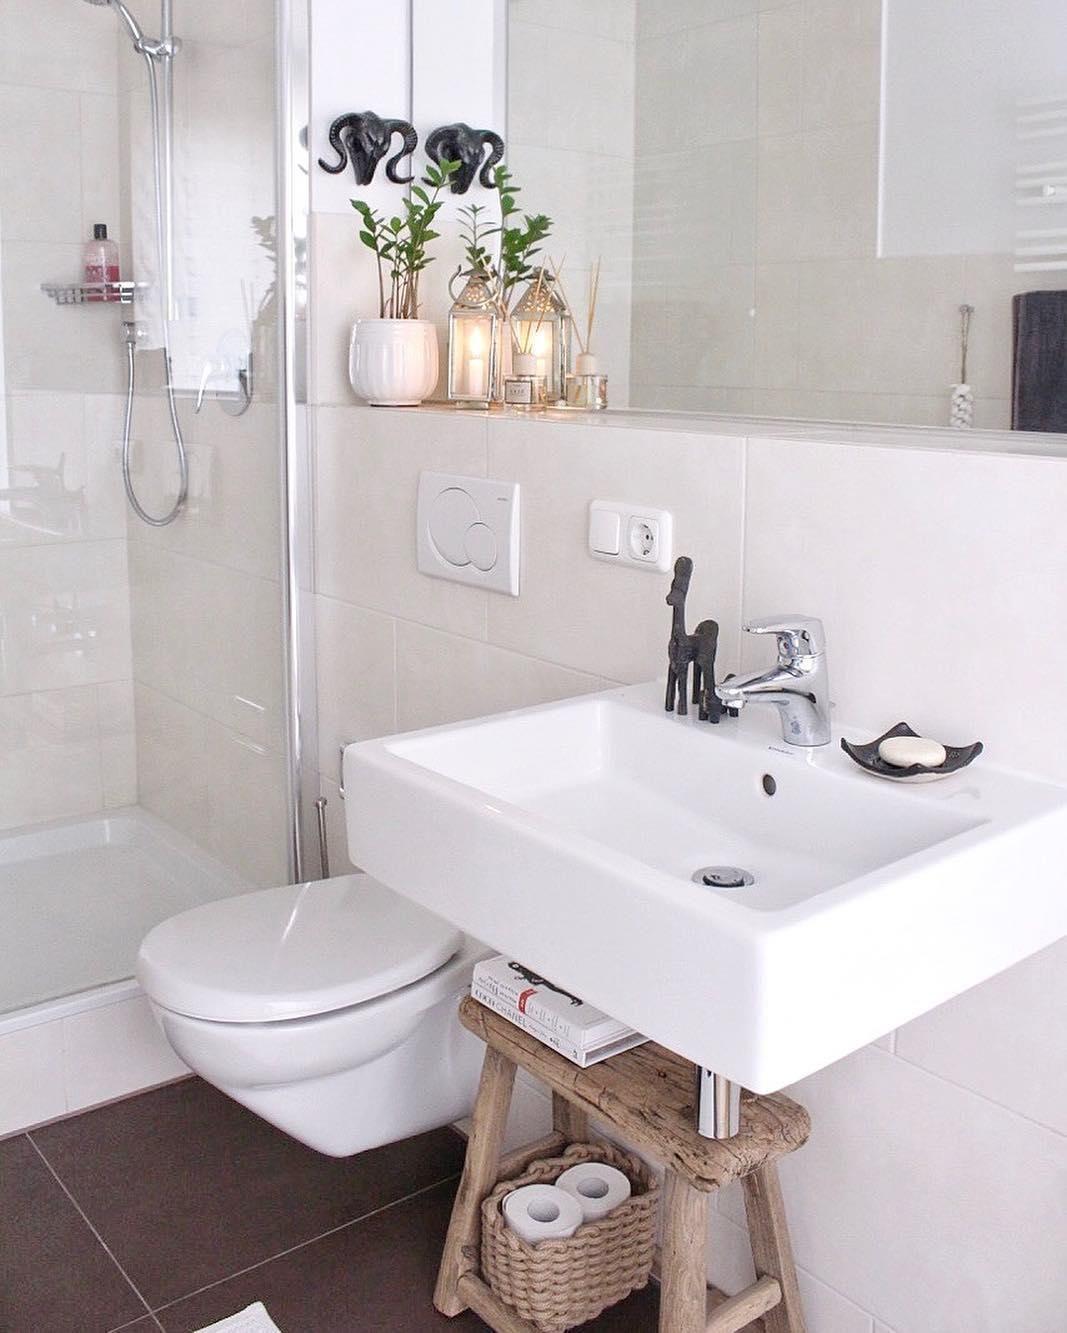 Bathroom Goals In Diesem Hellen Badezimmer Stimmt Jedes Detail Der Einzigartige Hocker Lawas Aus Teakholz So Badezimmer Ablage Bad Einrichten Badezimmer Holz